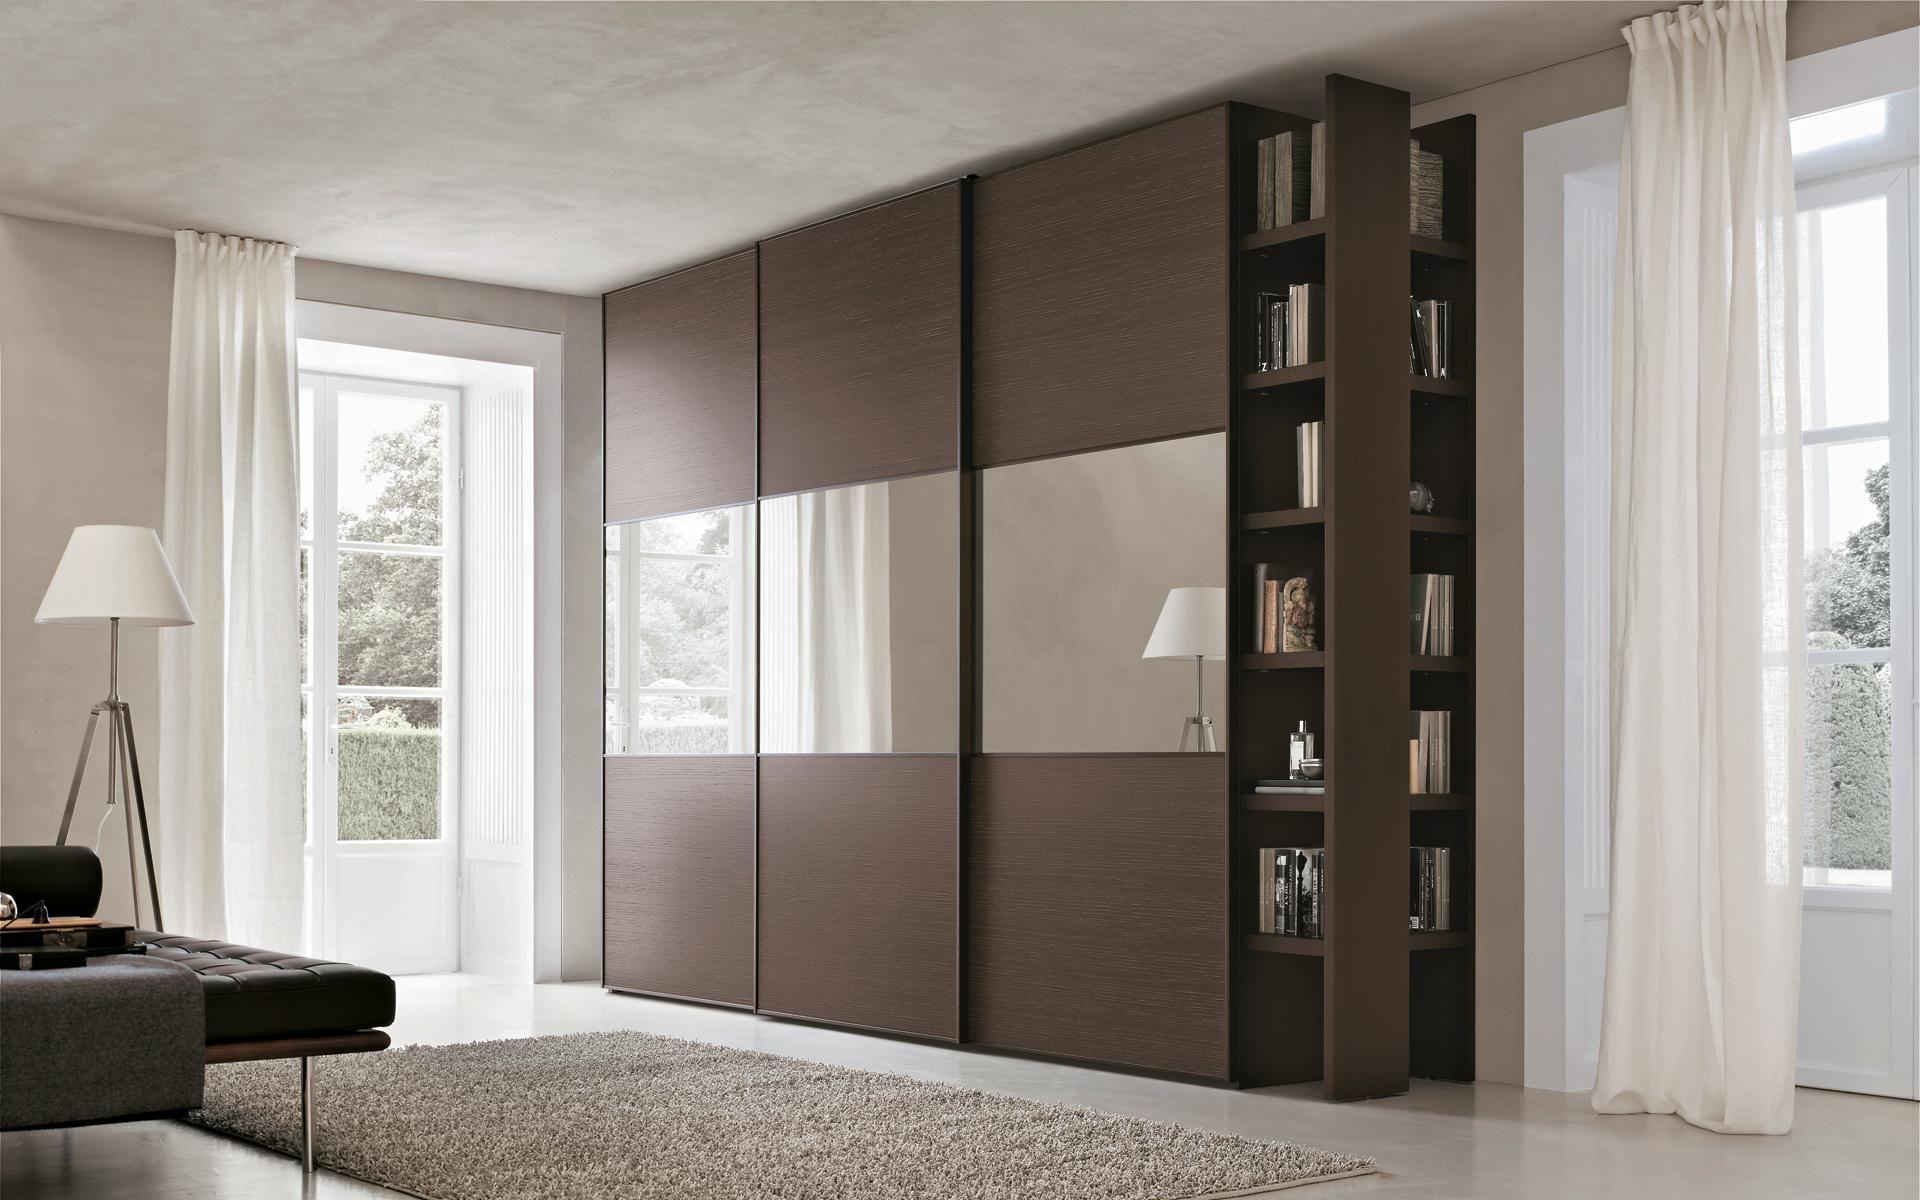 Шкаф купе в гостиную с боковыми полками | Дизайн спален, Комната ...